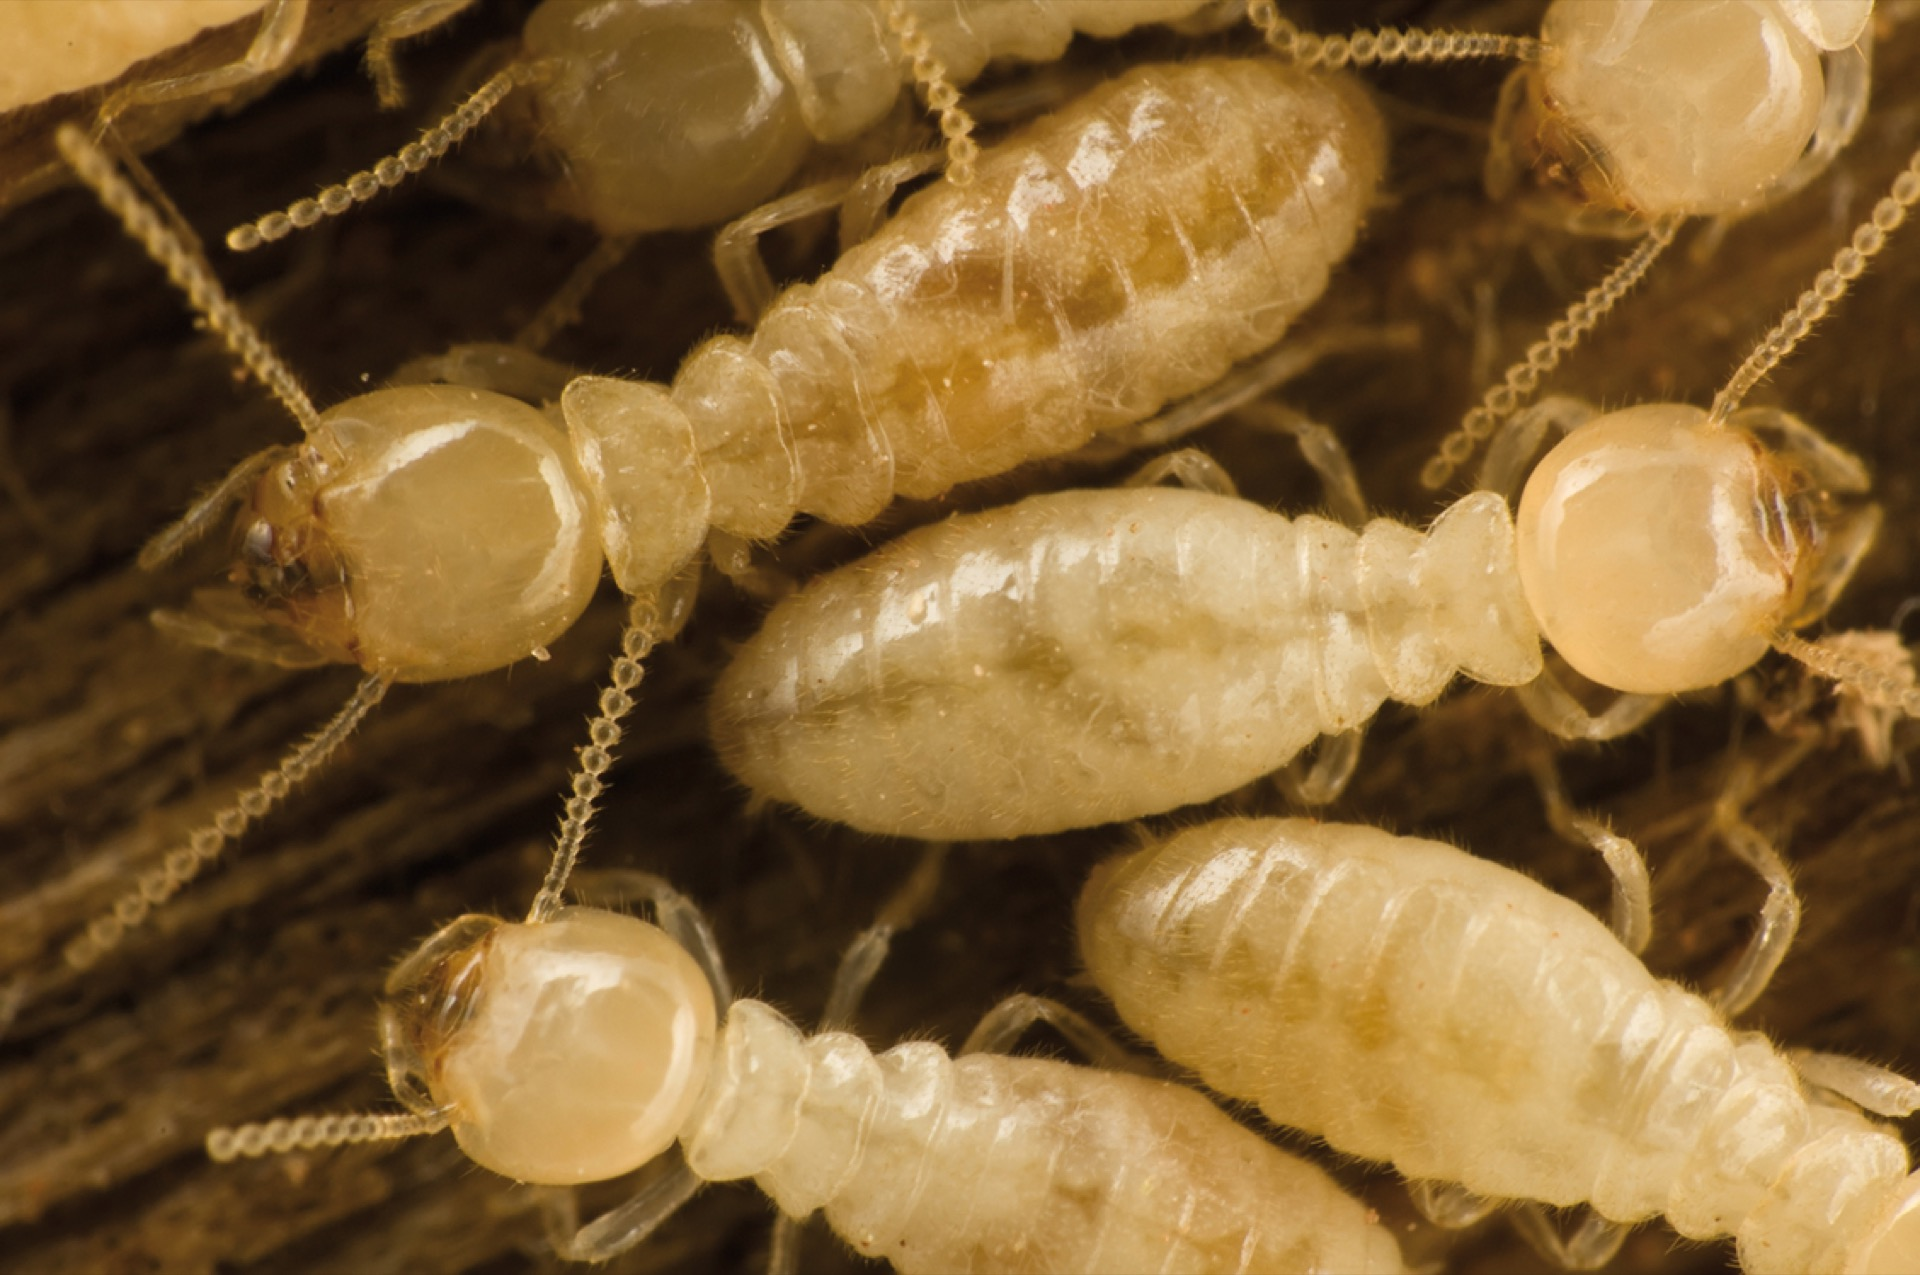 Fumigacion contra termitas - Jardin- Viverdi México Jardinería y Fumigación - viverdimexico.com